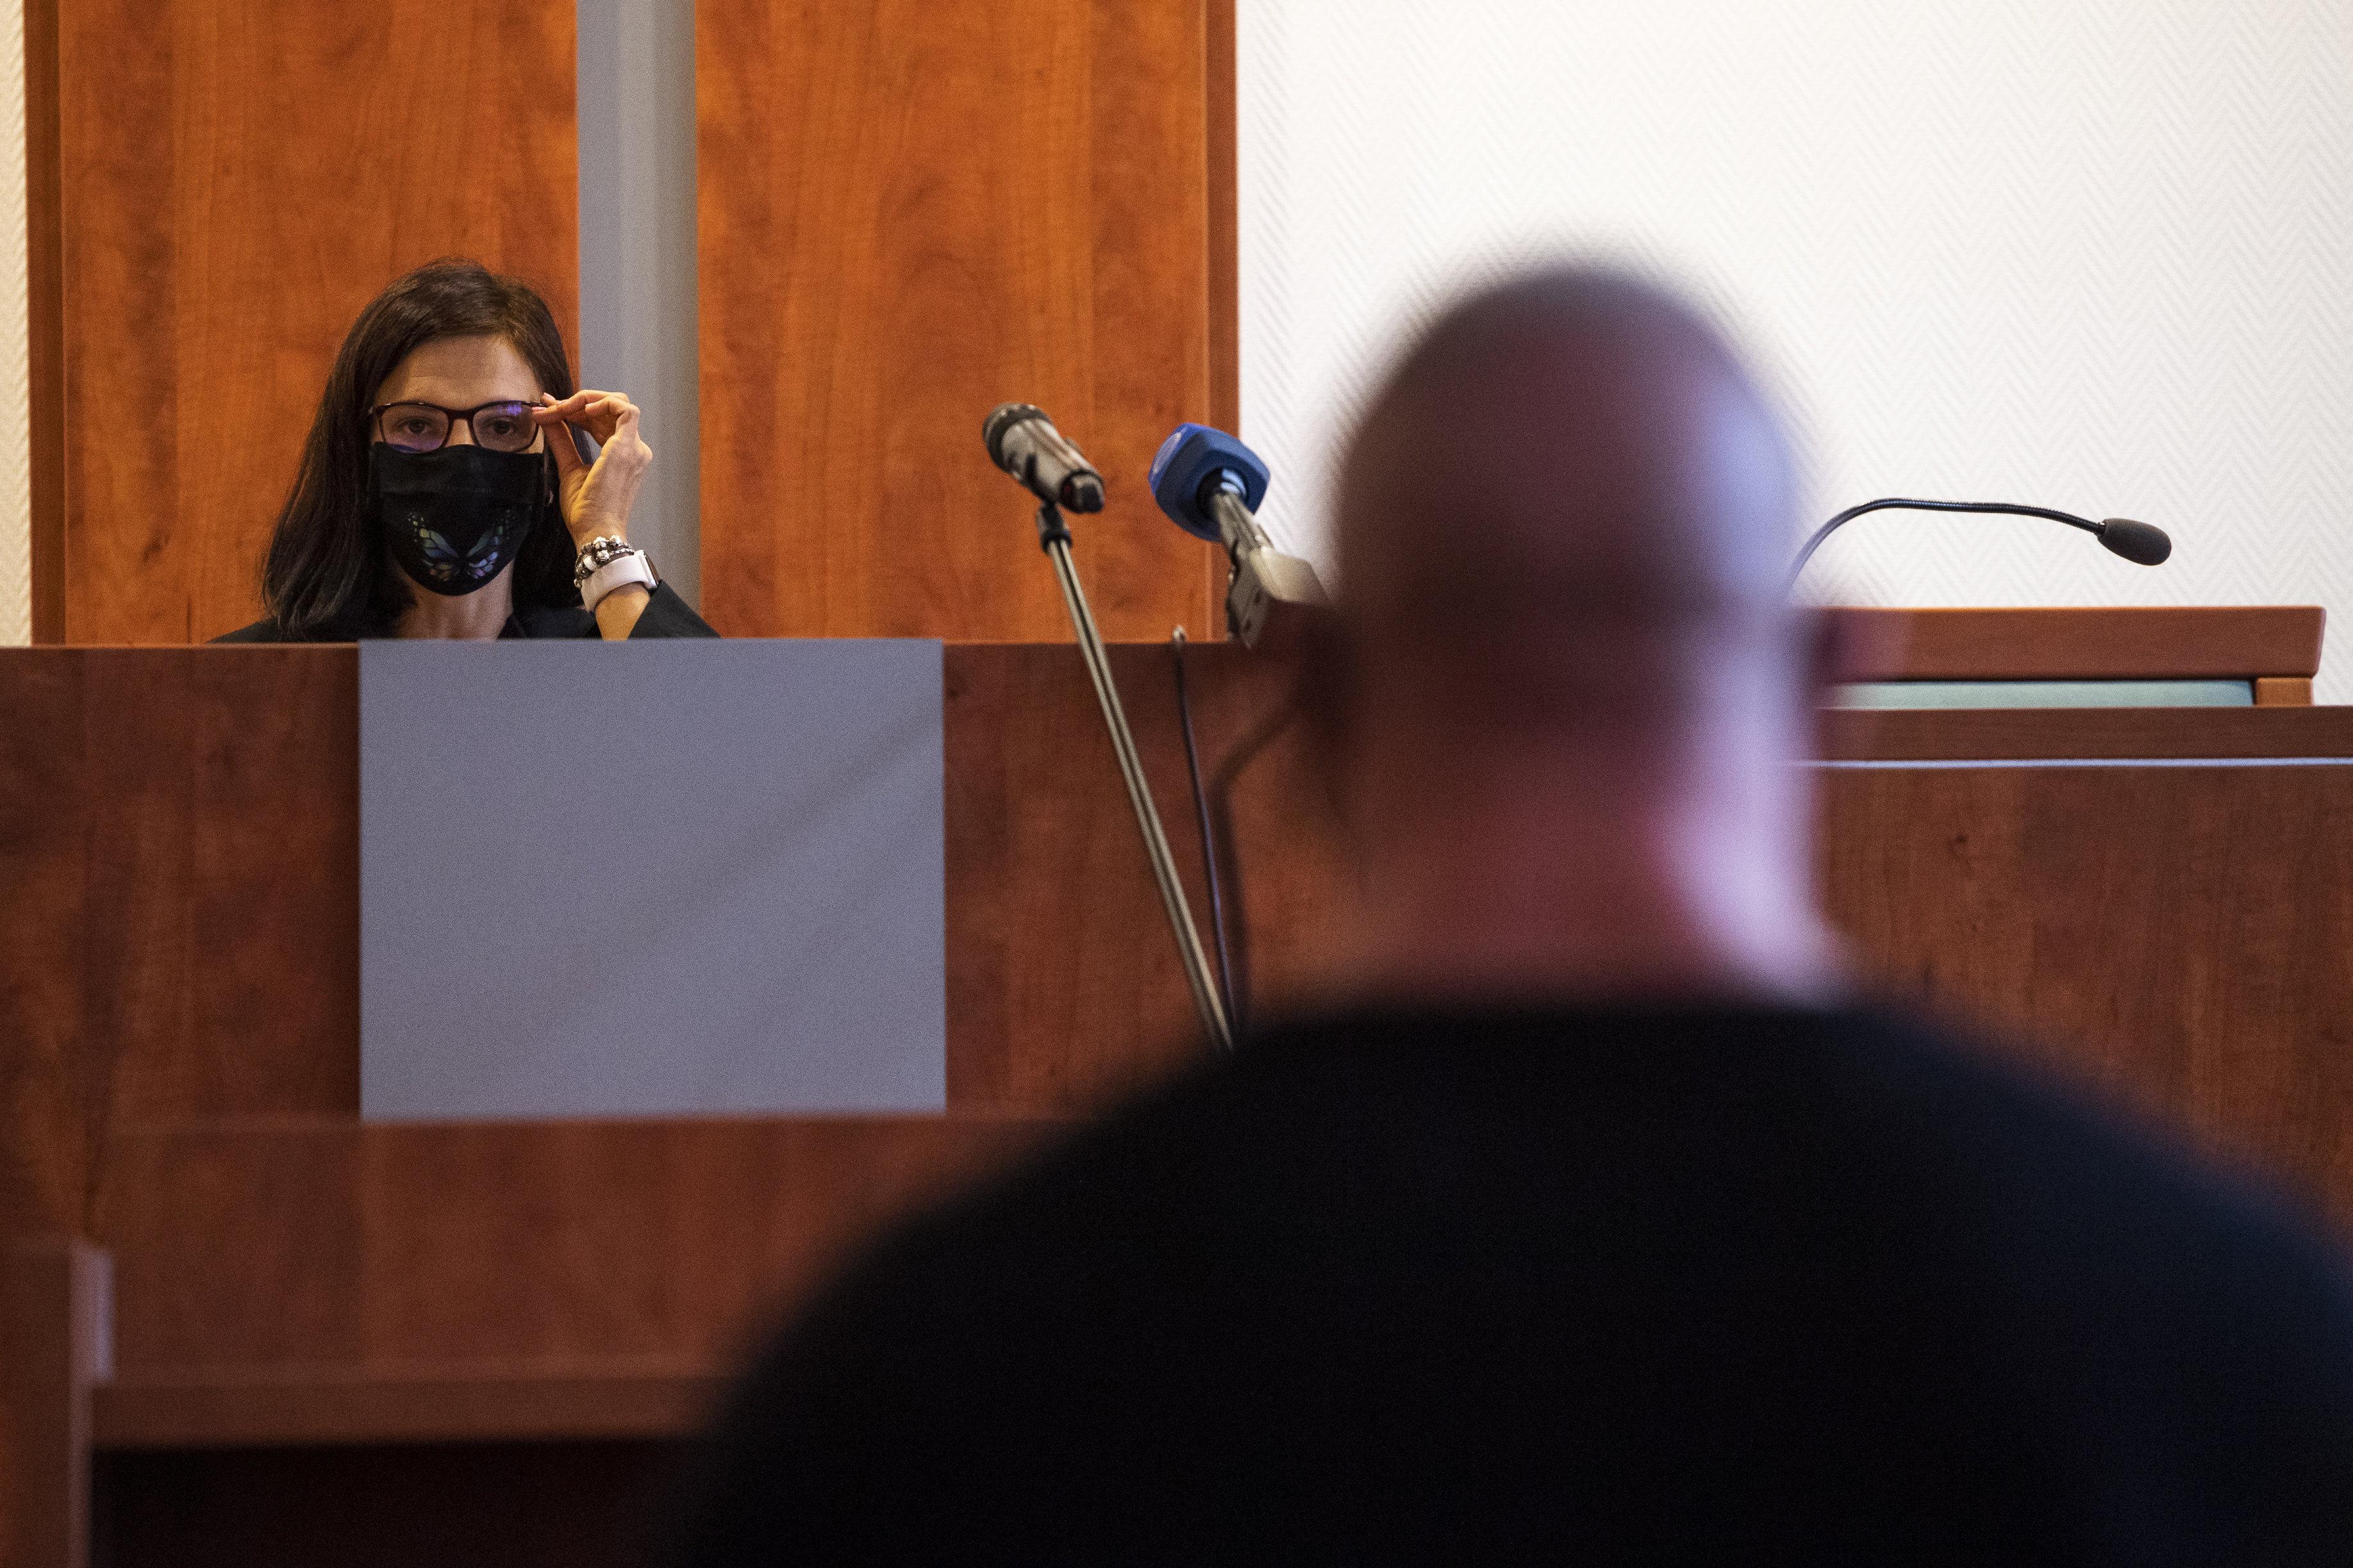 Az ügyészség szerint igenis indokolt volna letartóztatni M. Richárdot